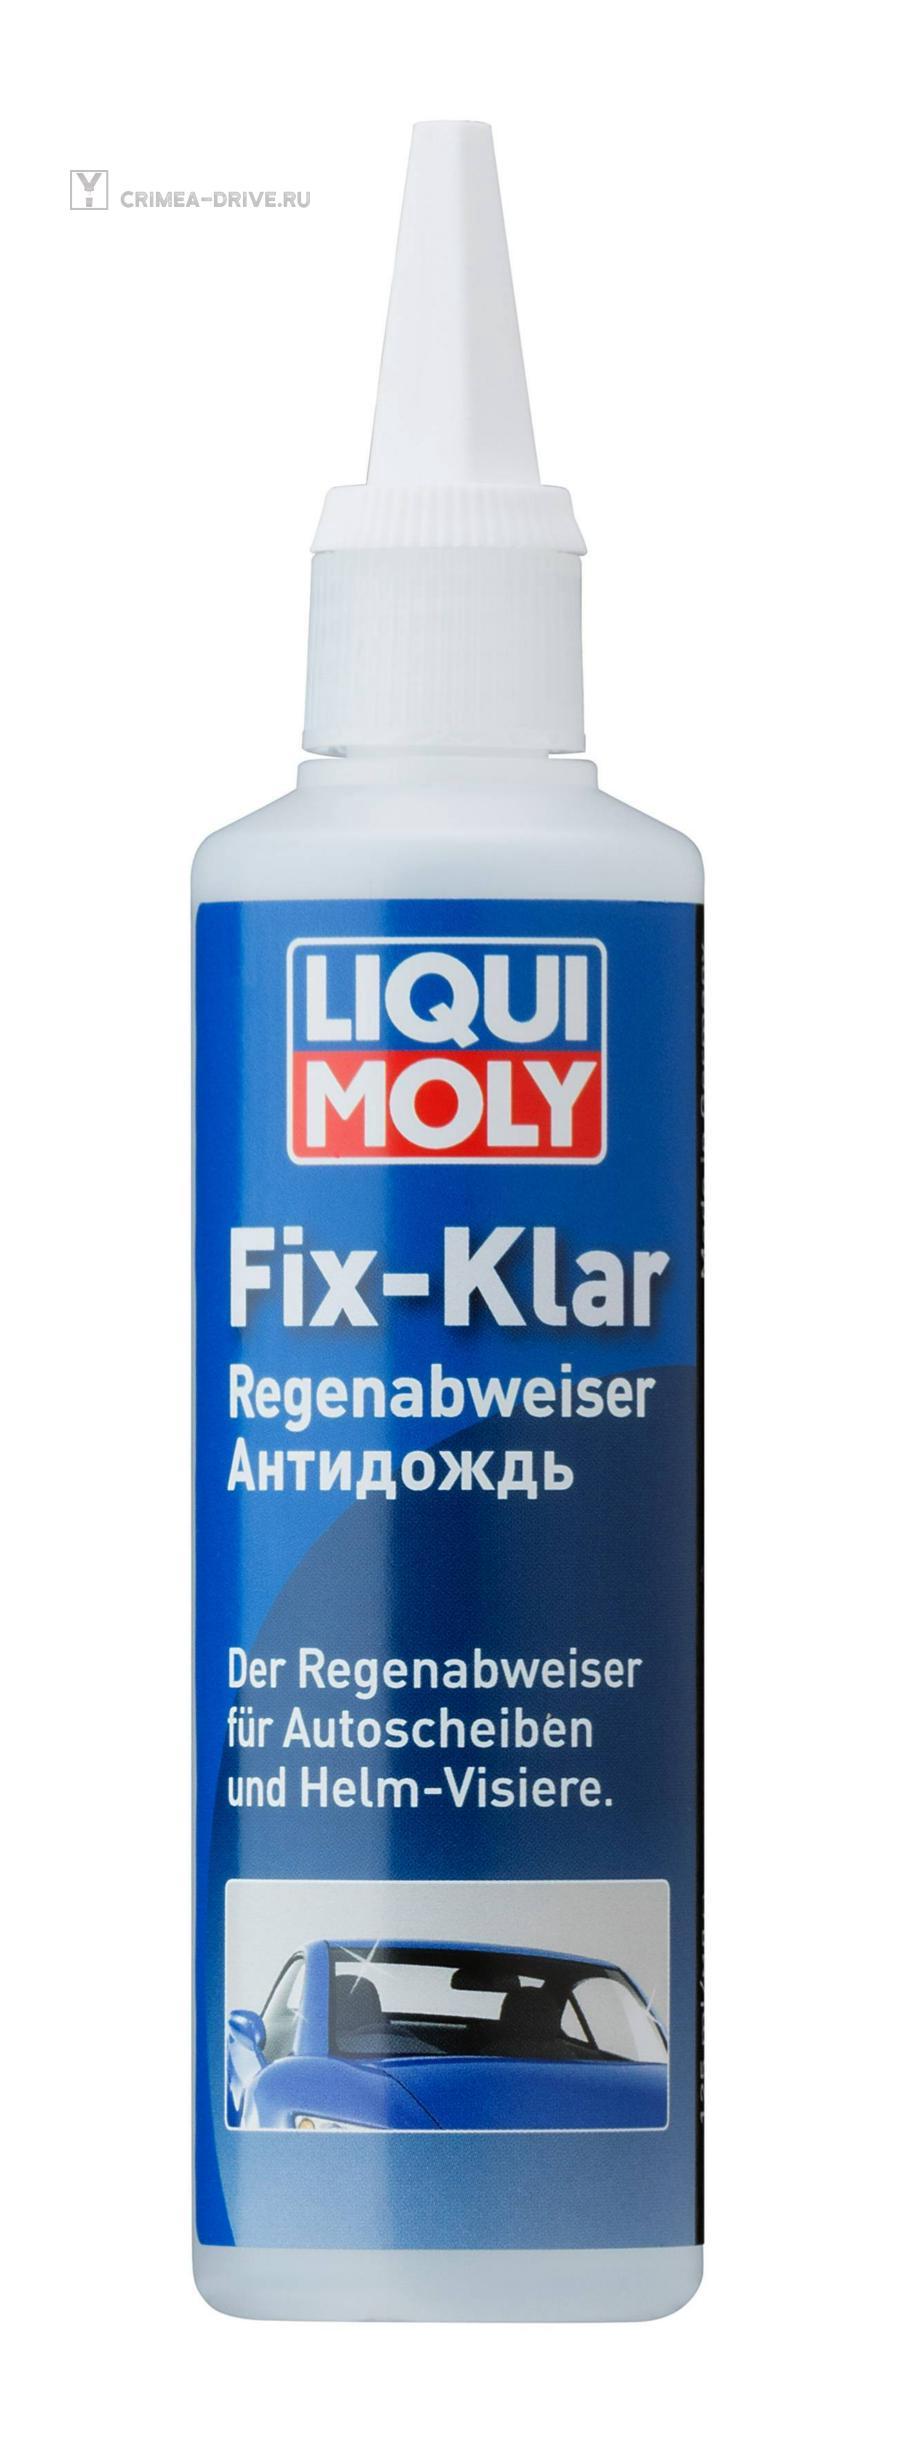 Антидождь Fix-klar Regenabweiser (0,125л)